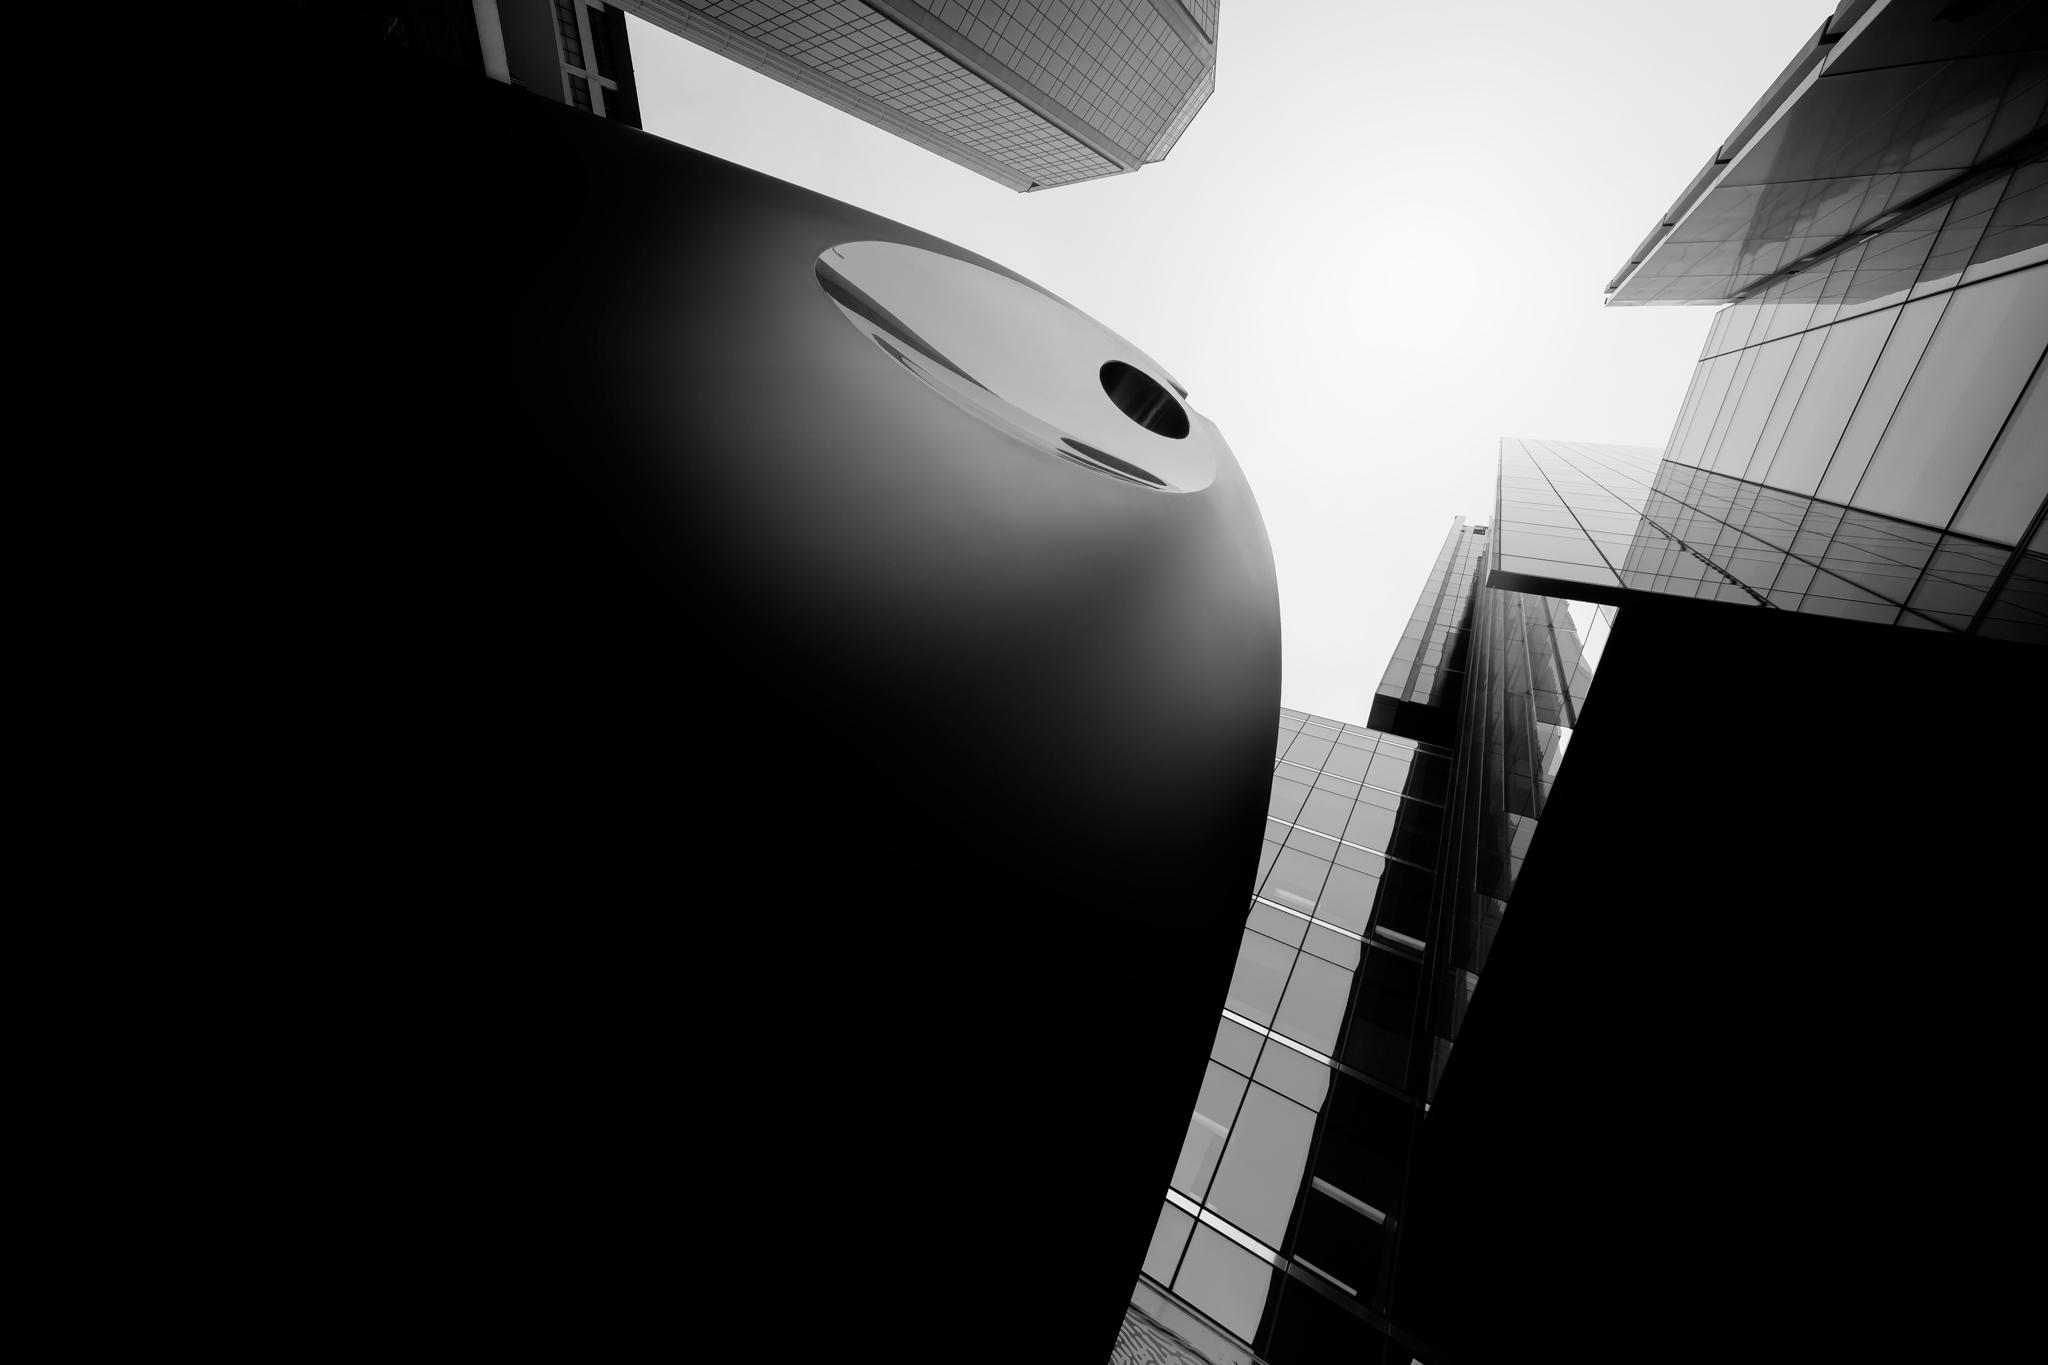 Deloitte-Centre-ckl76.com.jpg